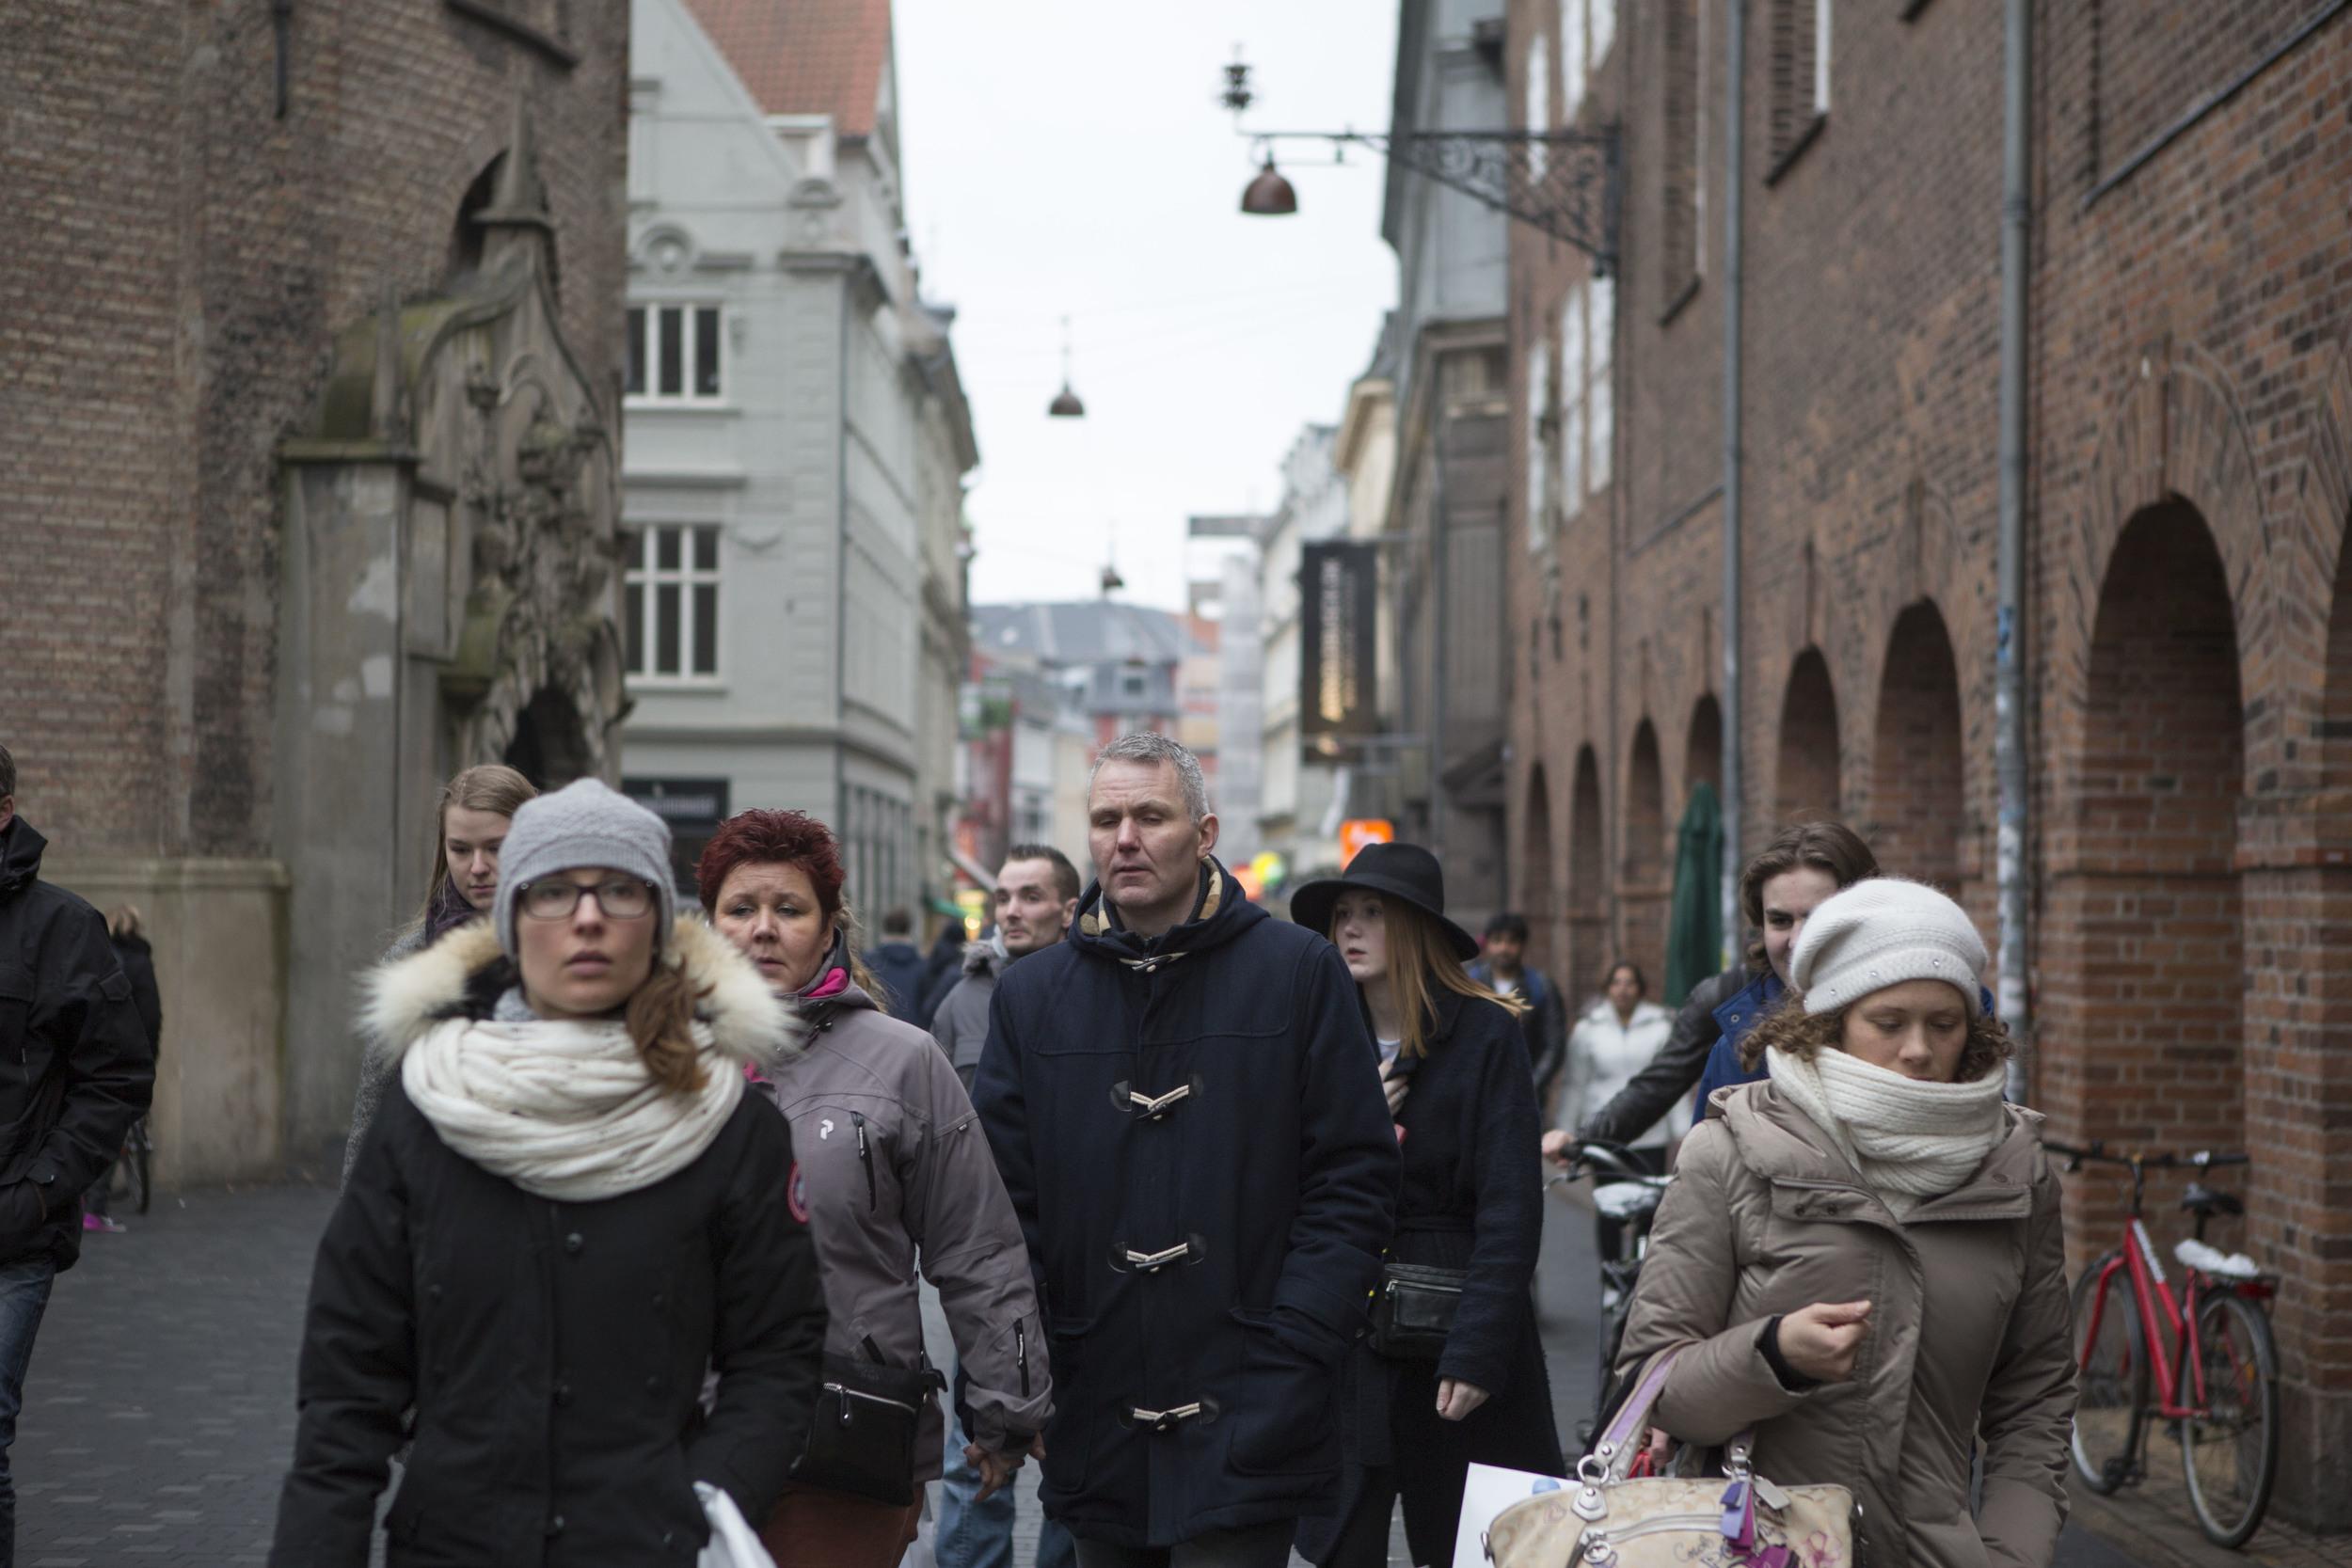 Strøget, the main shopping street in Copenhagen